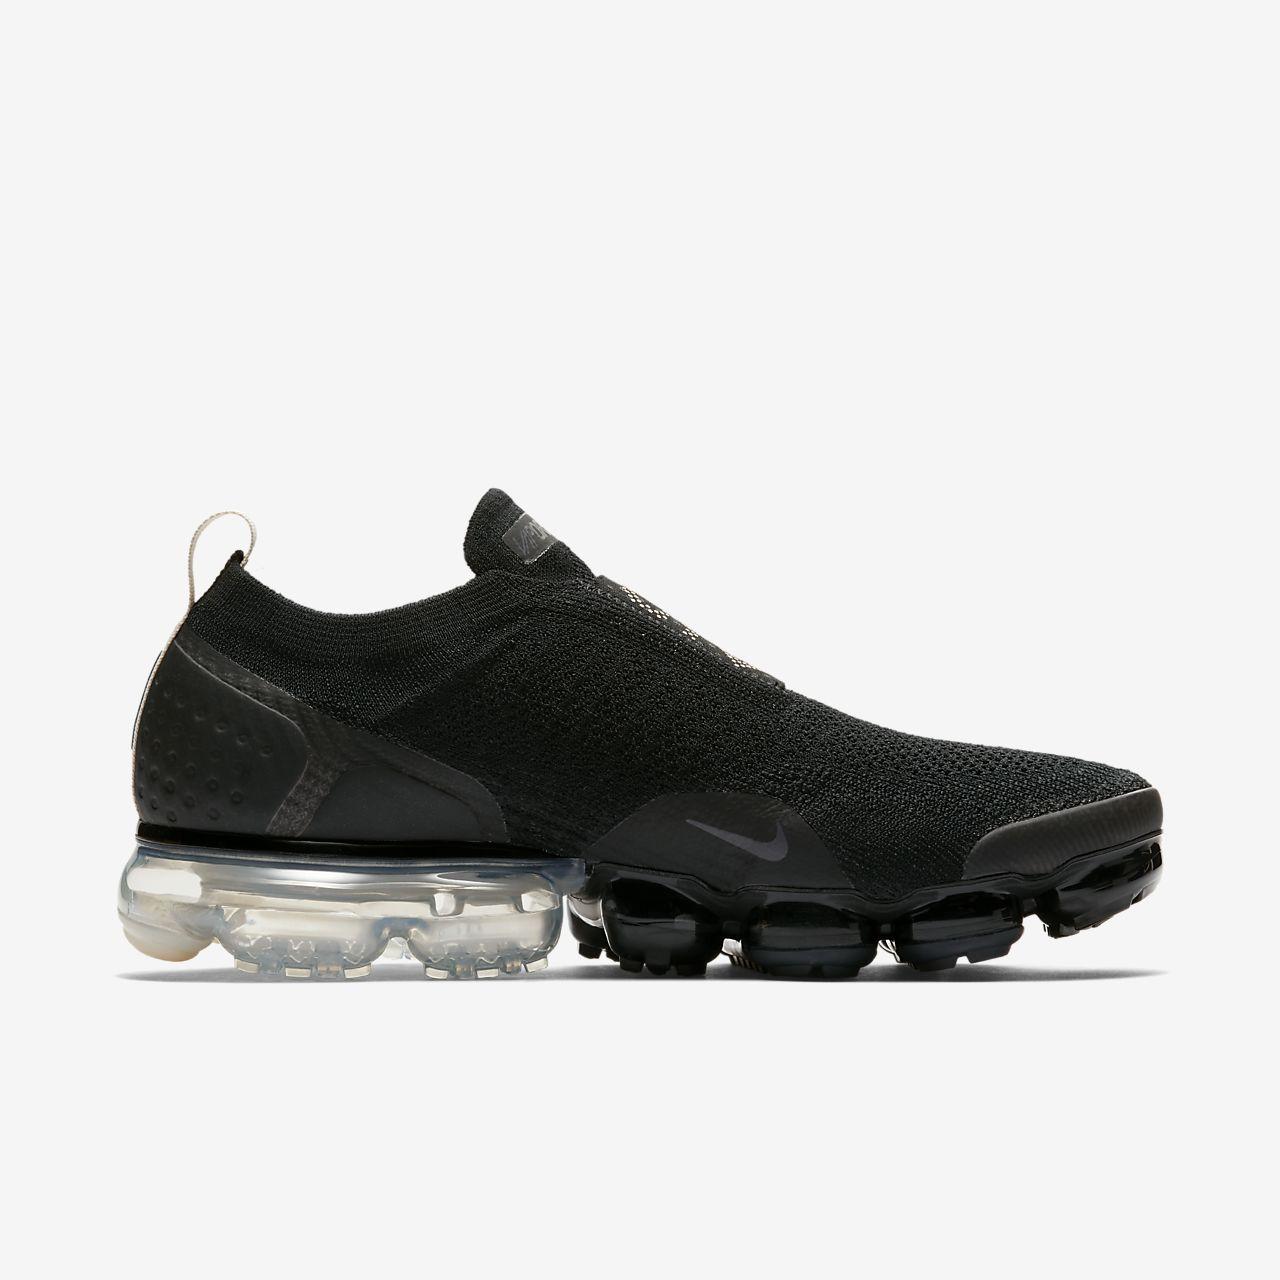 77bd976460548 Nike Air VaporMax Flyknit Moc 2 Shoe. Nike.com CA